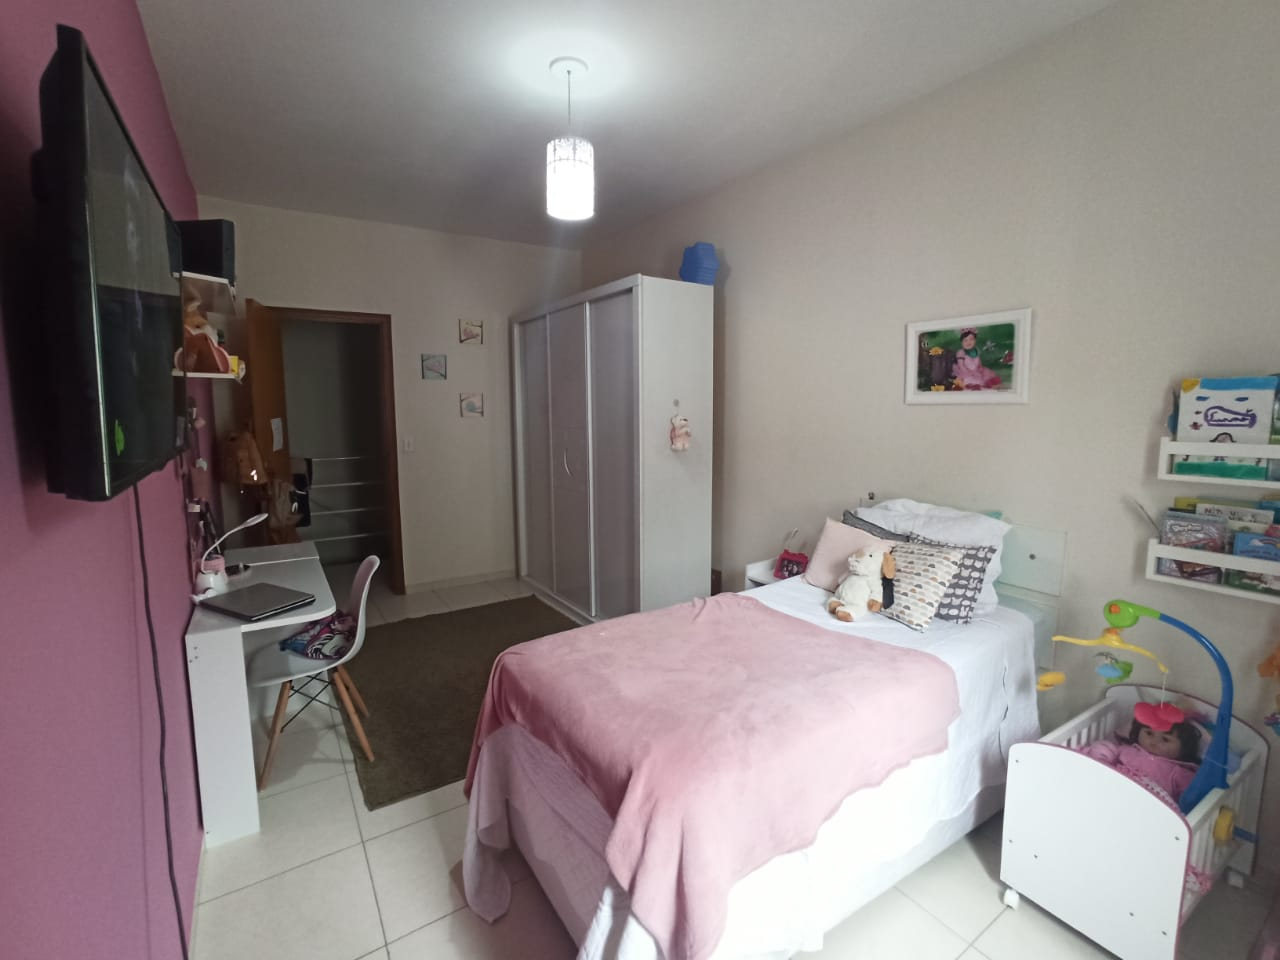 Casa com 3 quartos, sendo um suíte, sala 2 ambientes, três banheiros e duas vagas de garagem. - foto 7